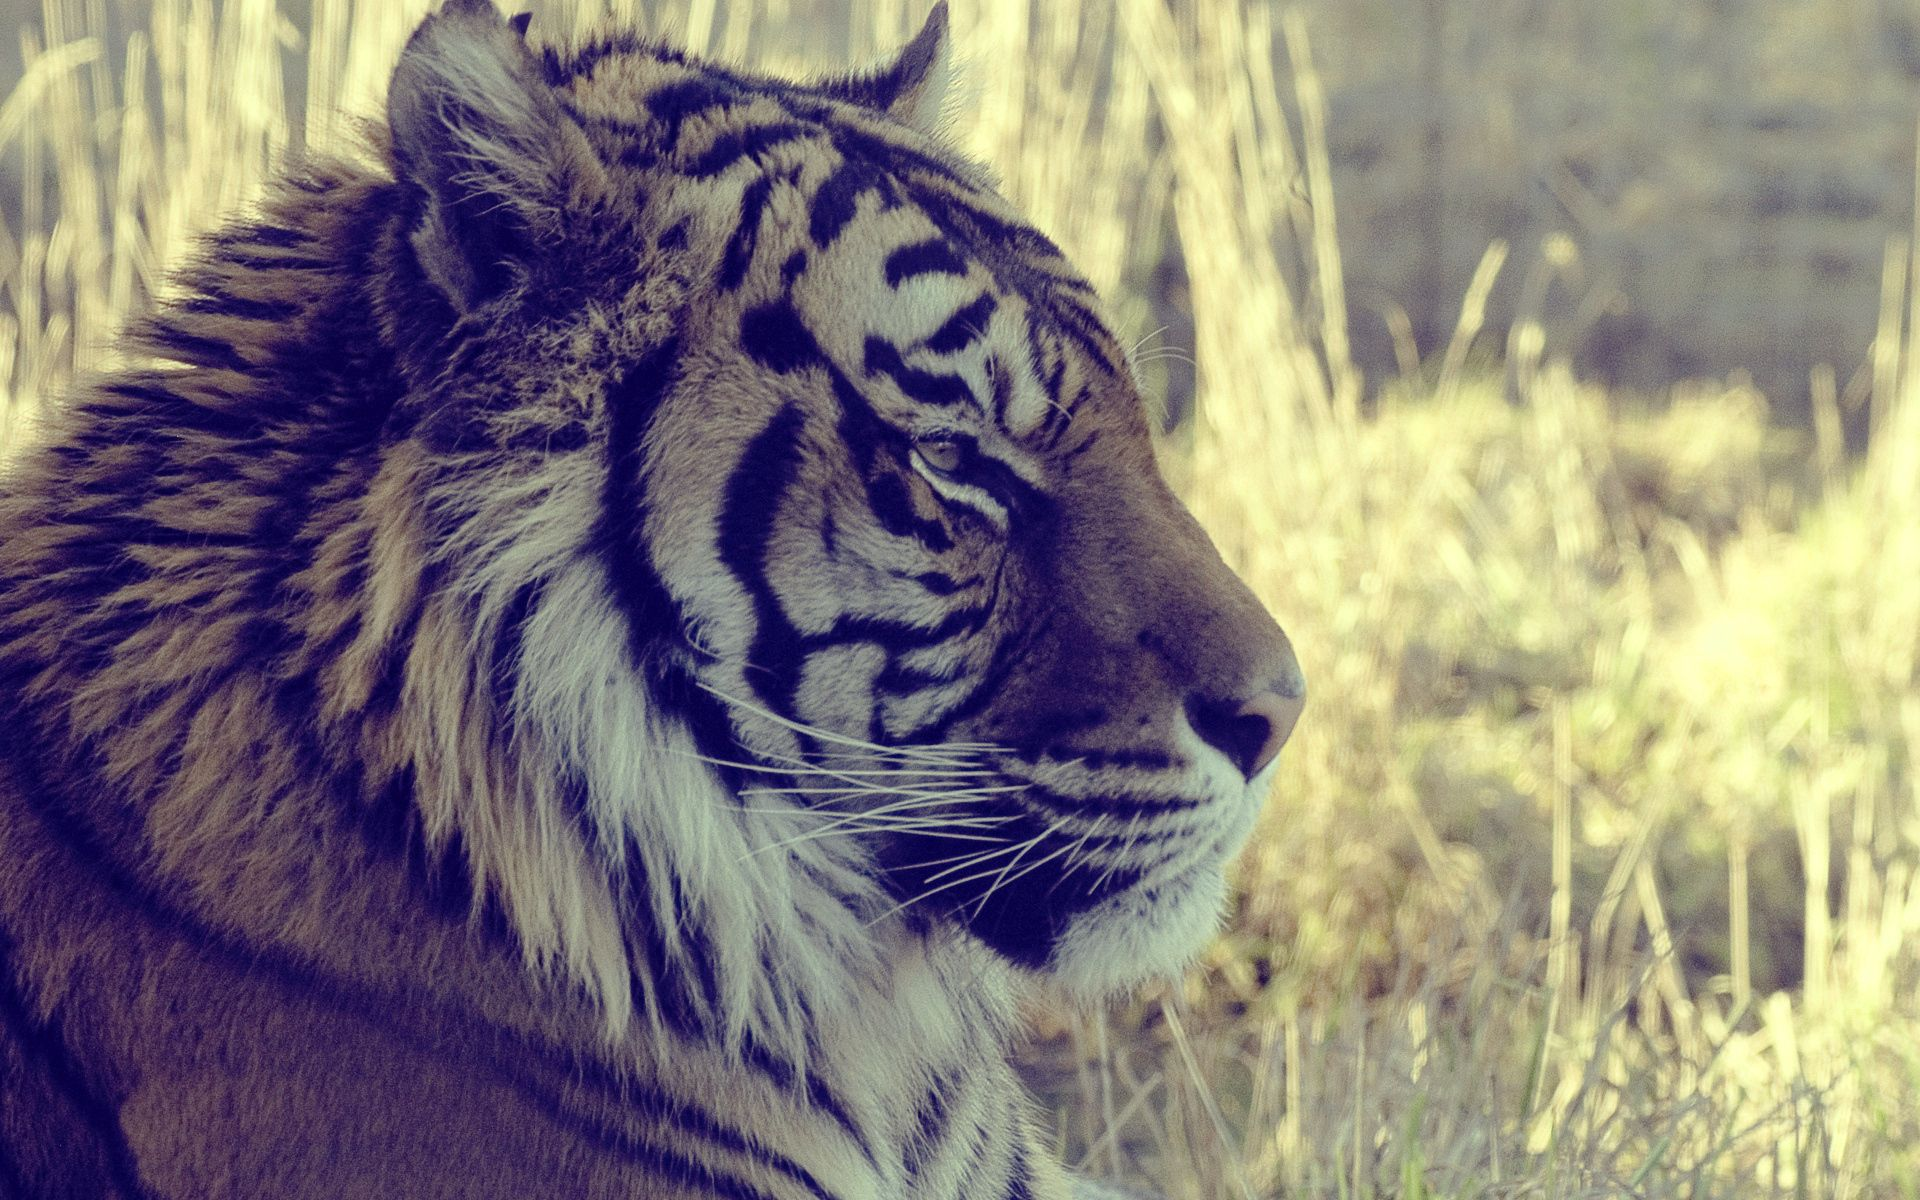 81443 скачать обои Животные, Тигр, Морда, Профиль, Свет - заставки и картинки бесплатно